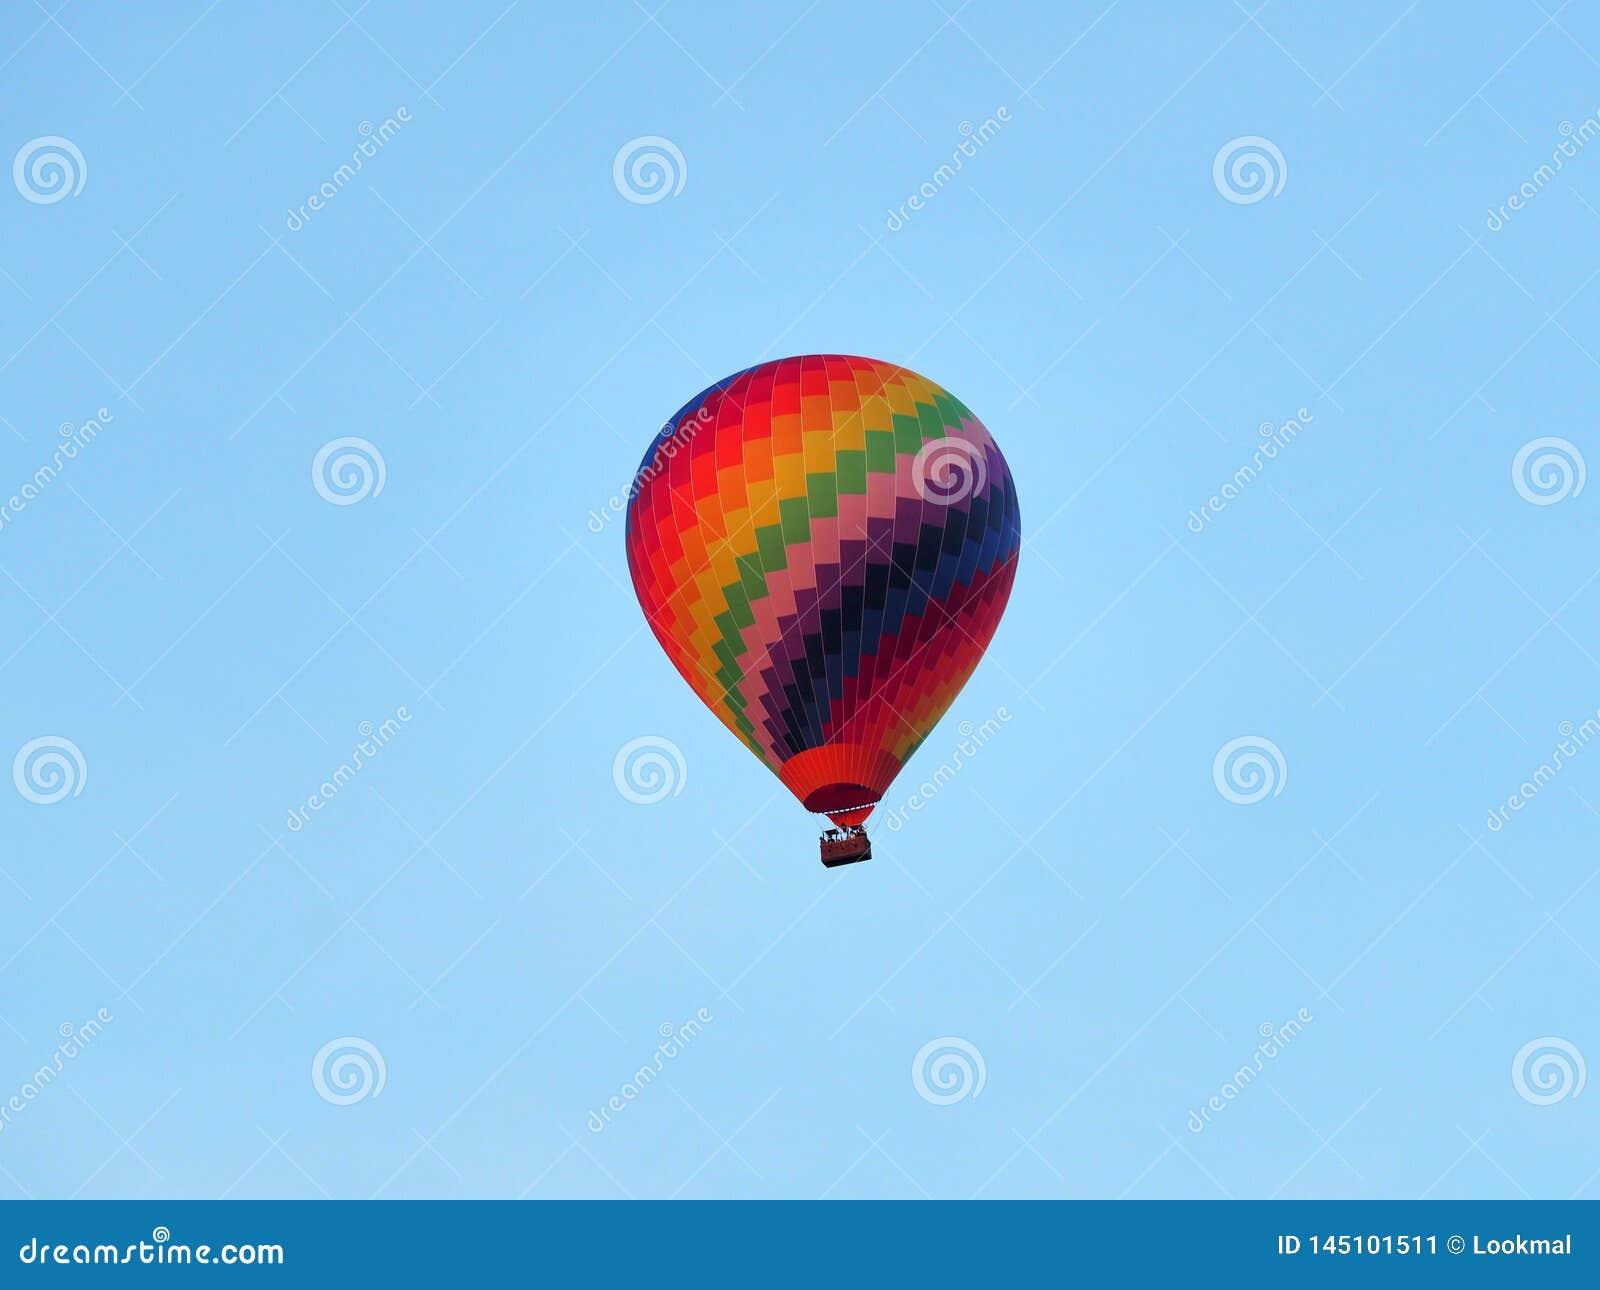 Kolorowy gorące powietrze balon przed jasnym niebieskim niebem